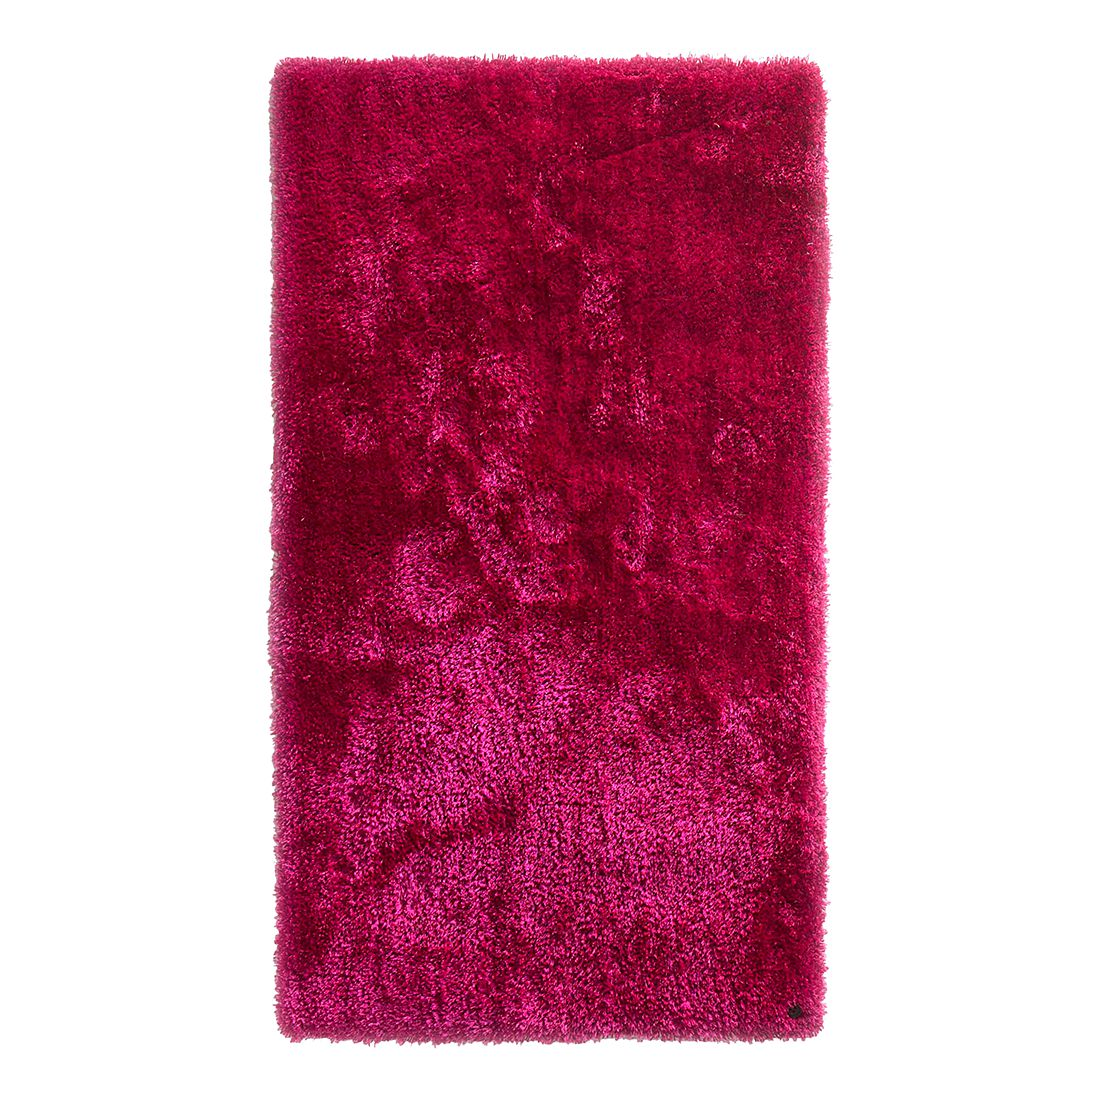 Teppich Soft Square – Pink – Maße: 160 x 230 cm, Tom Tailor günstig online kaufen